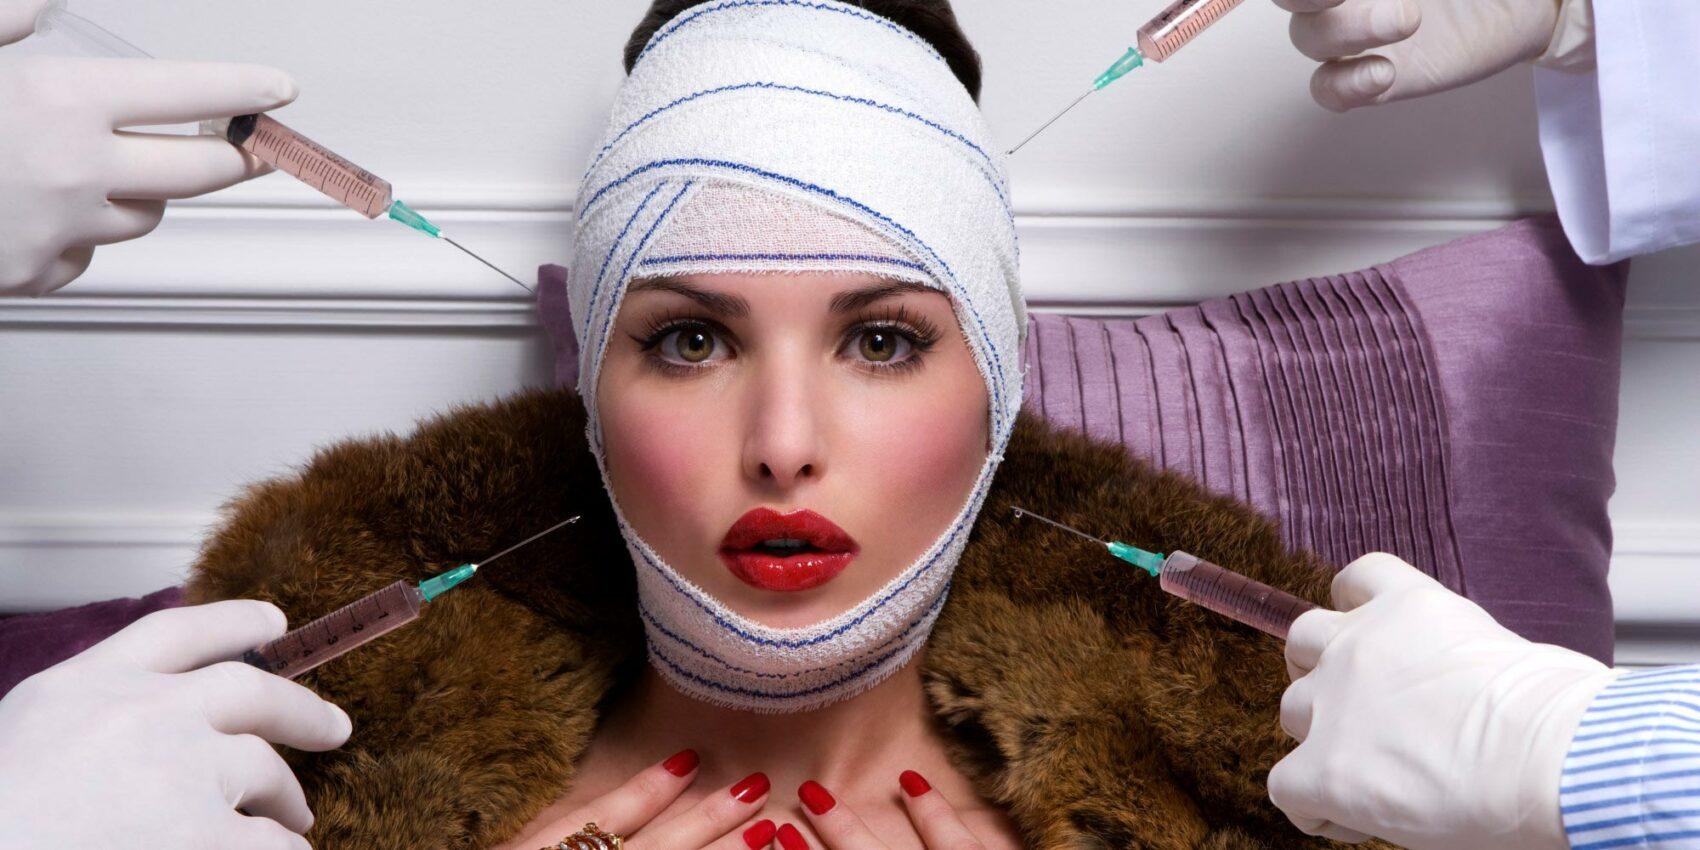 مزایا و معایب جراحی زیبایی